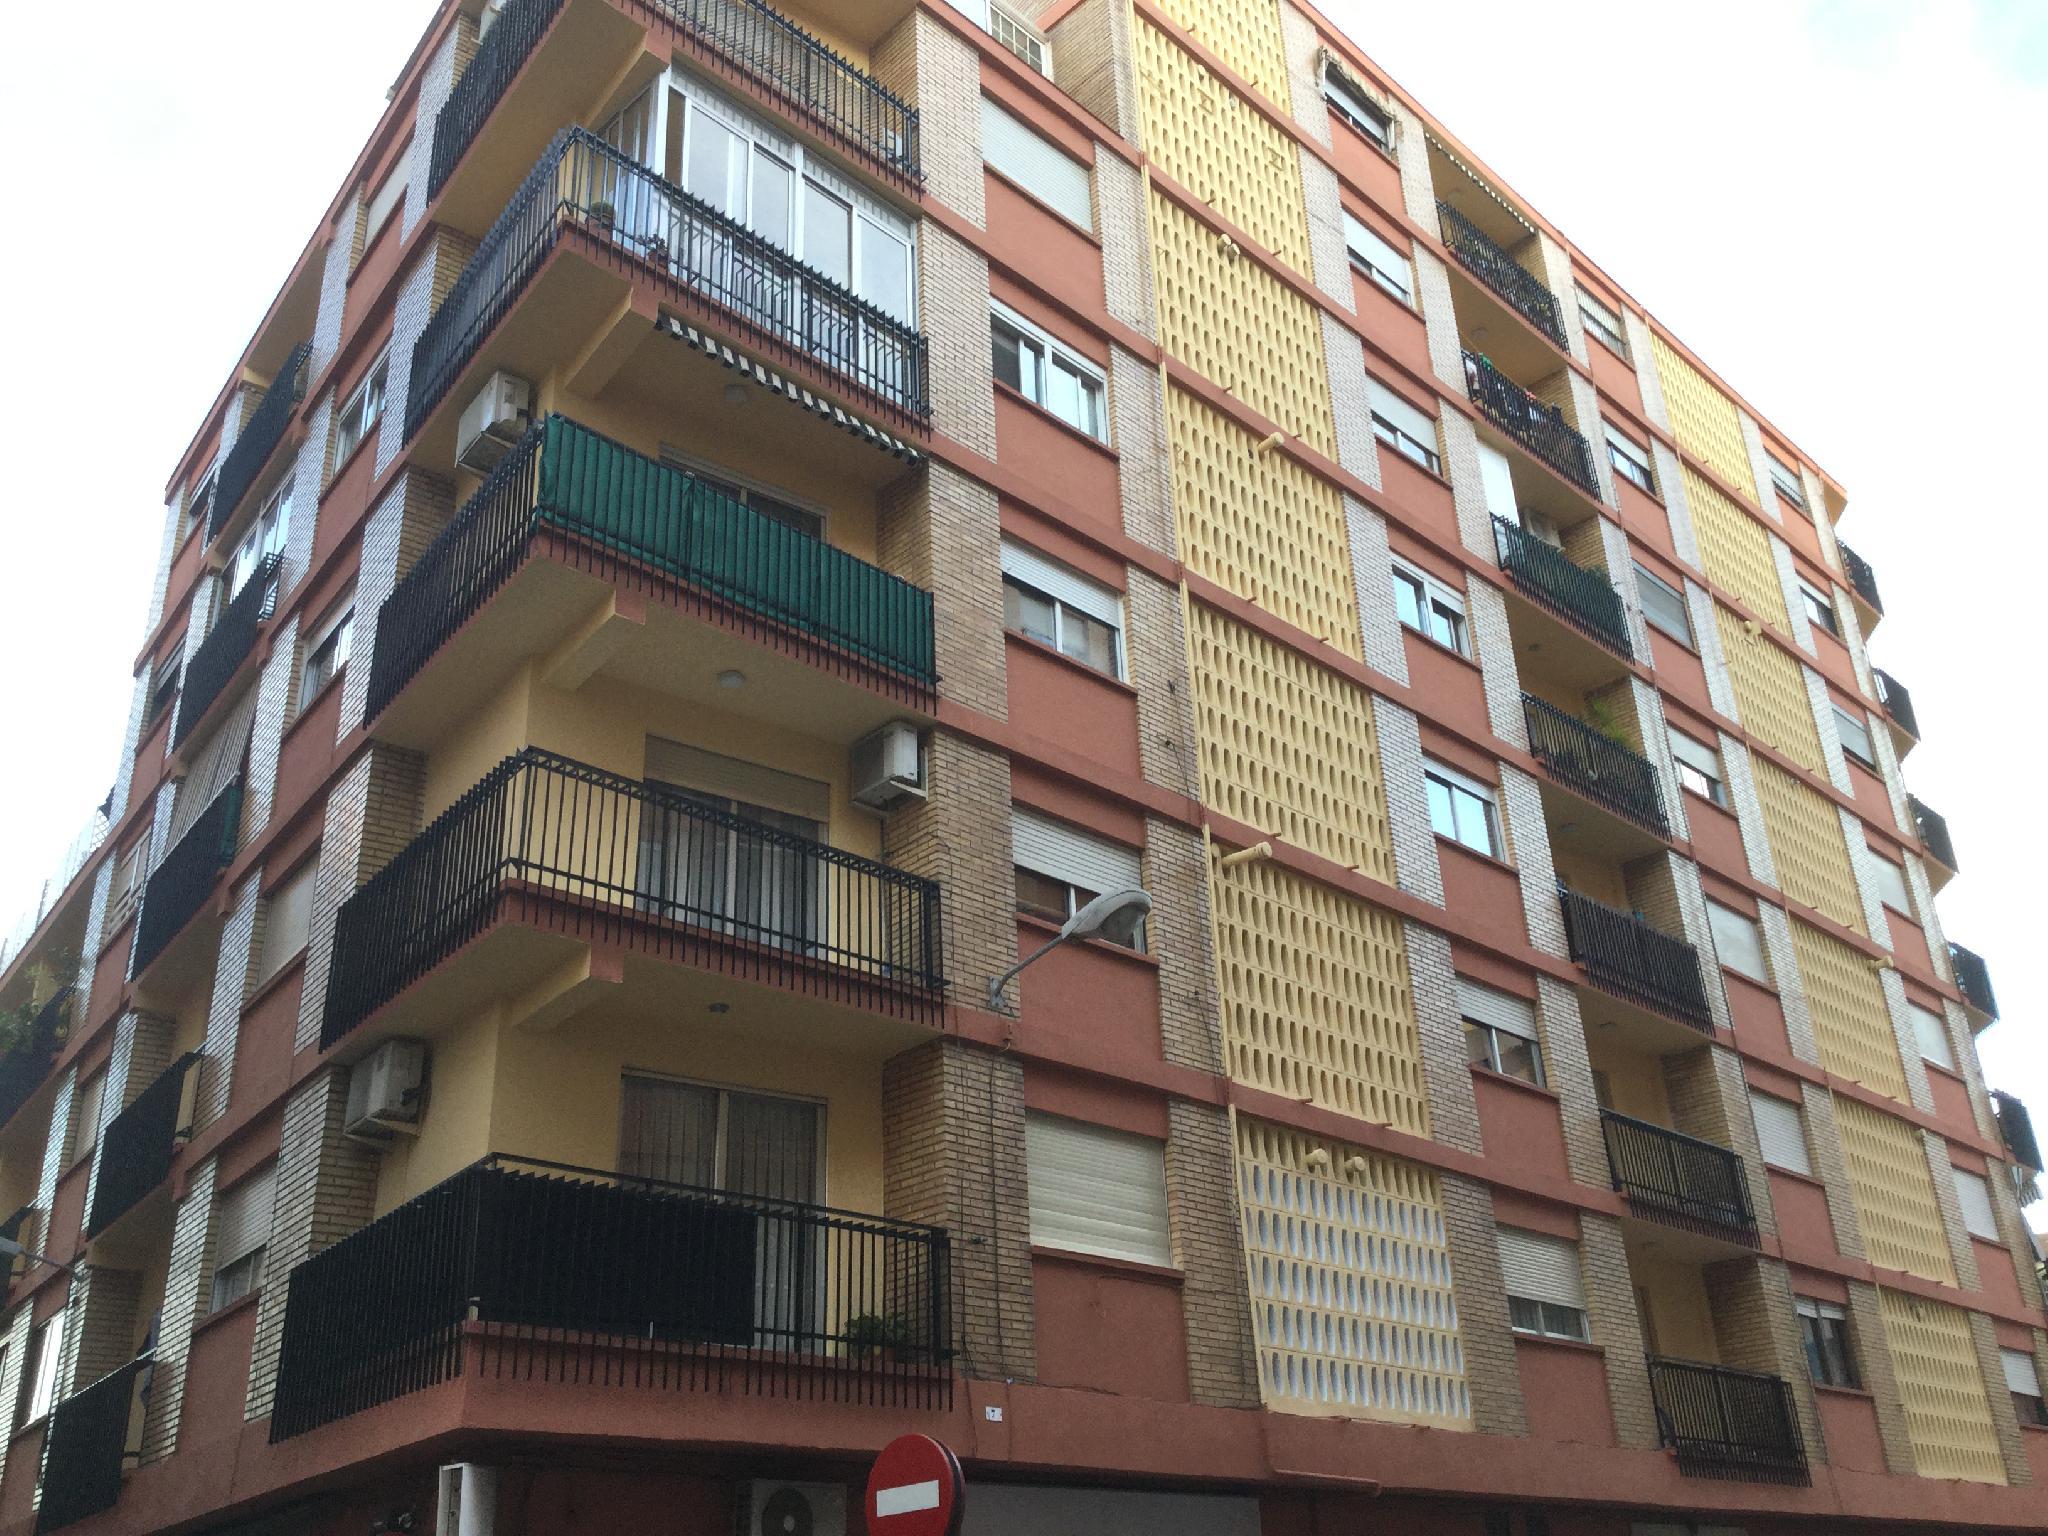 156624 - Zona patraix, entre Campos Crespo y Gaspar Aguilar